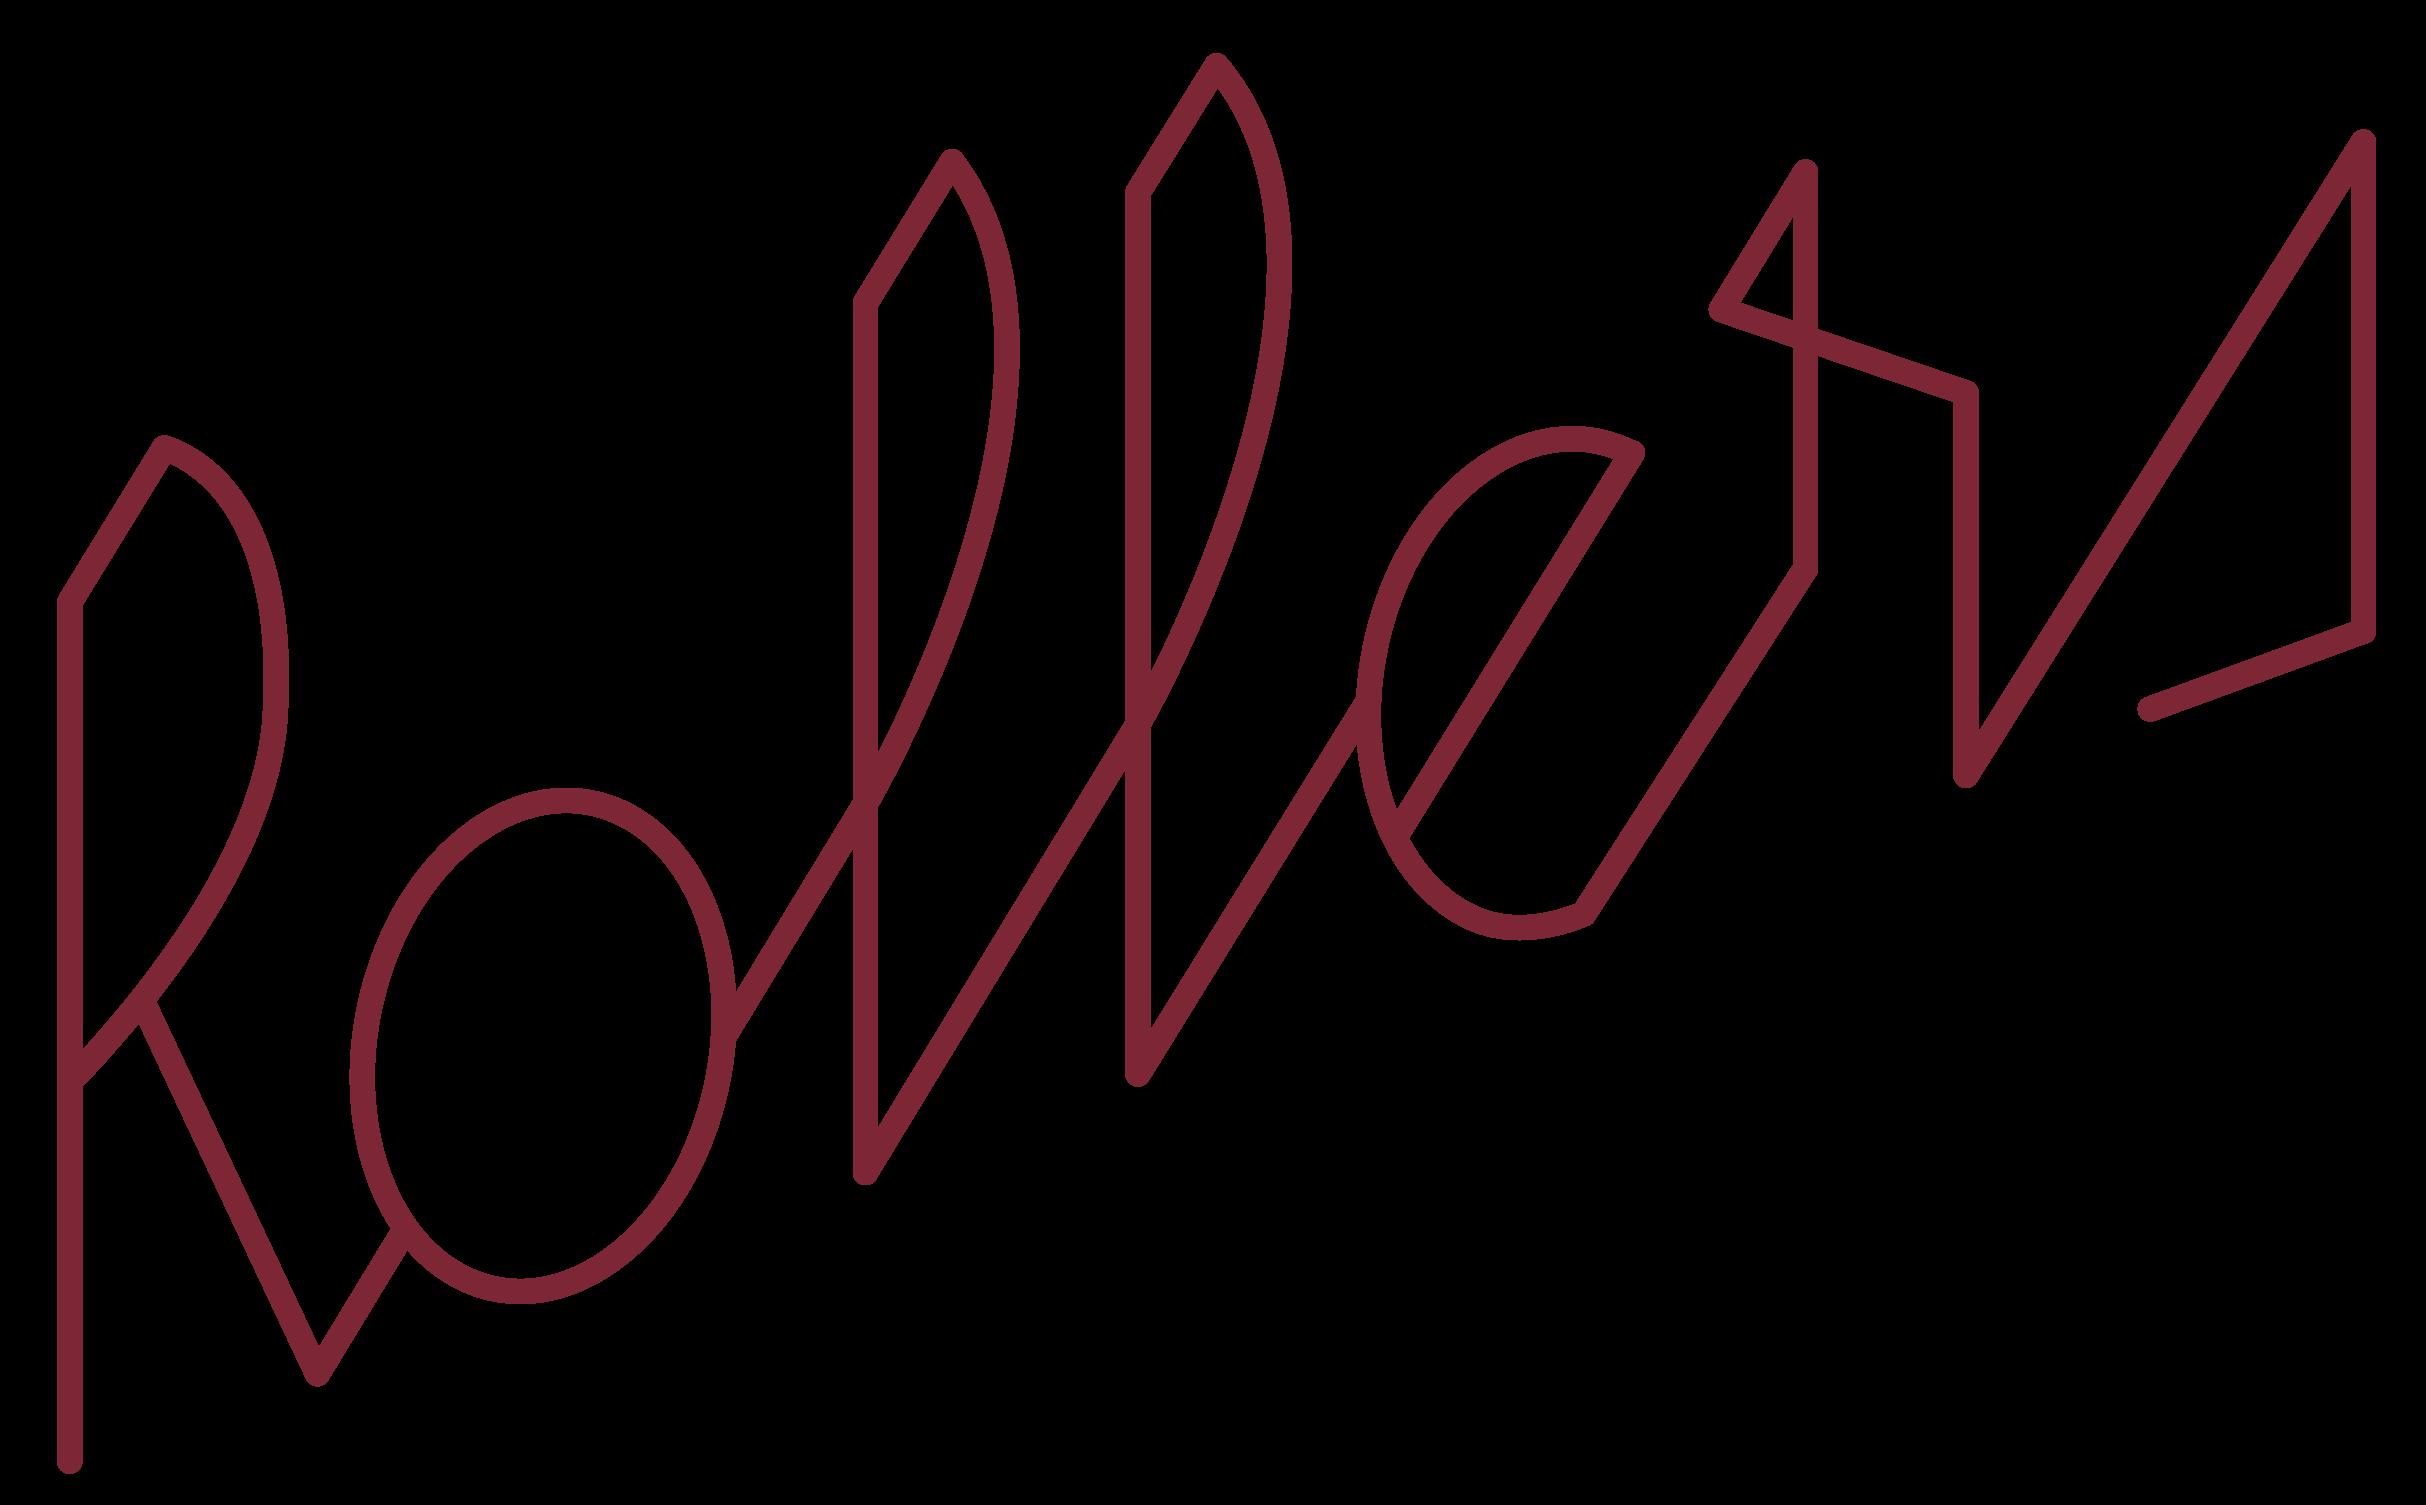 ROLLERS_BRANDID_J-logo-01.png